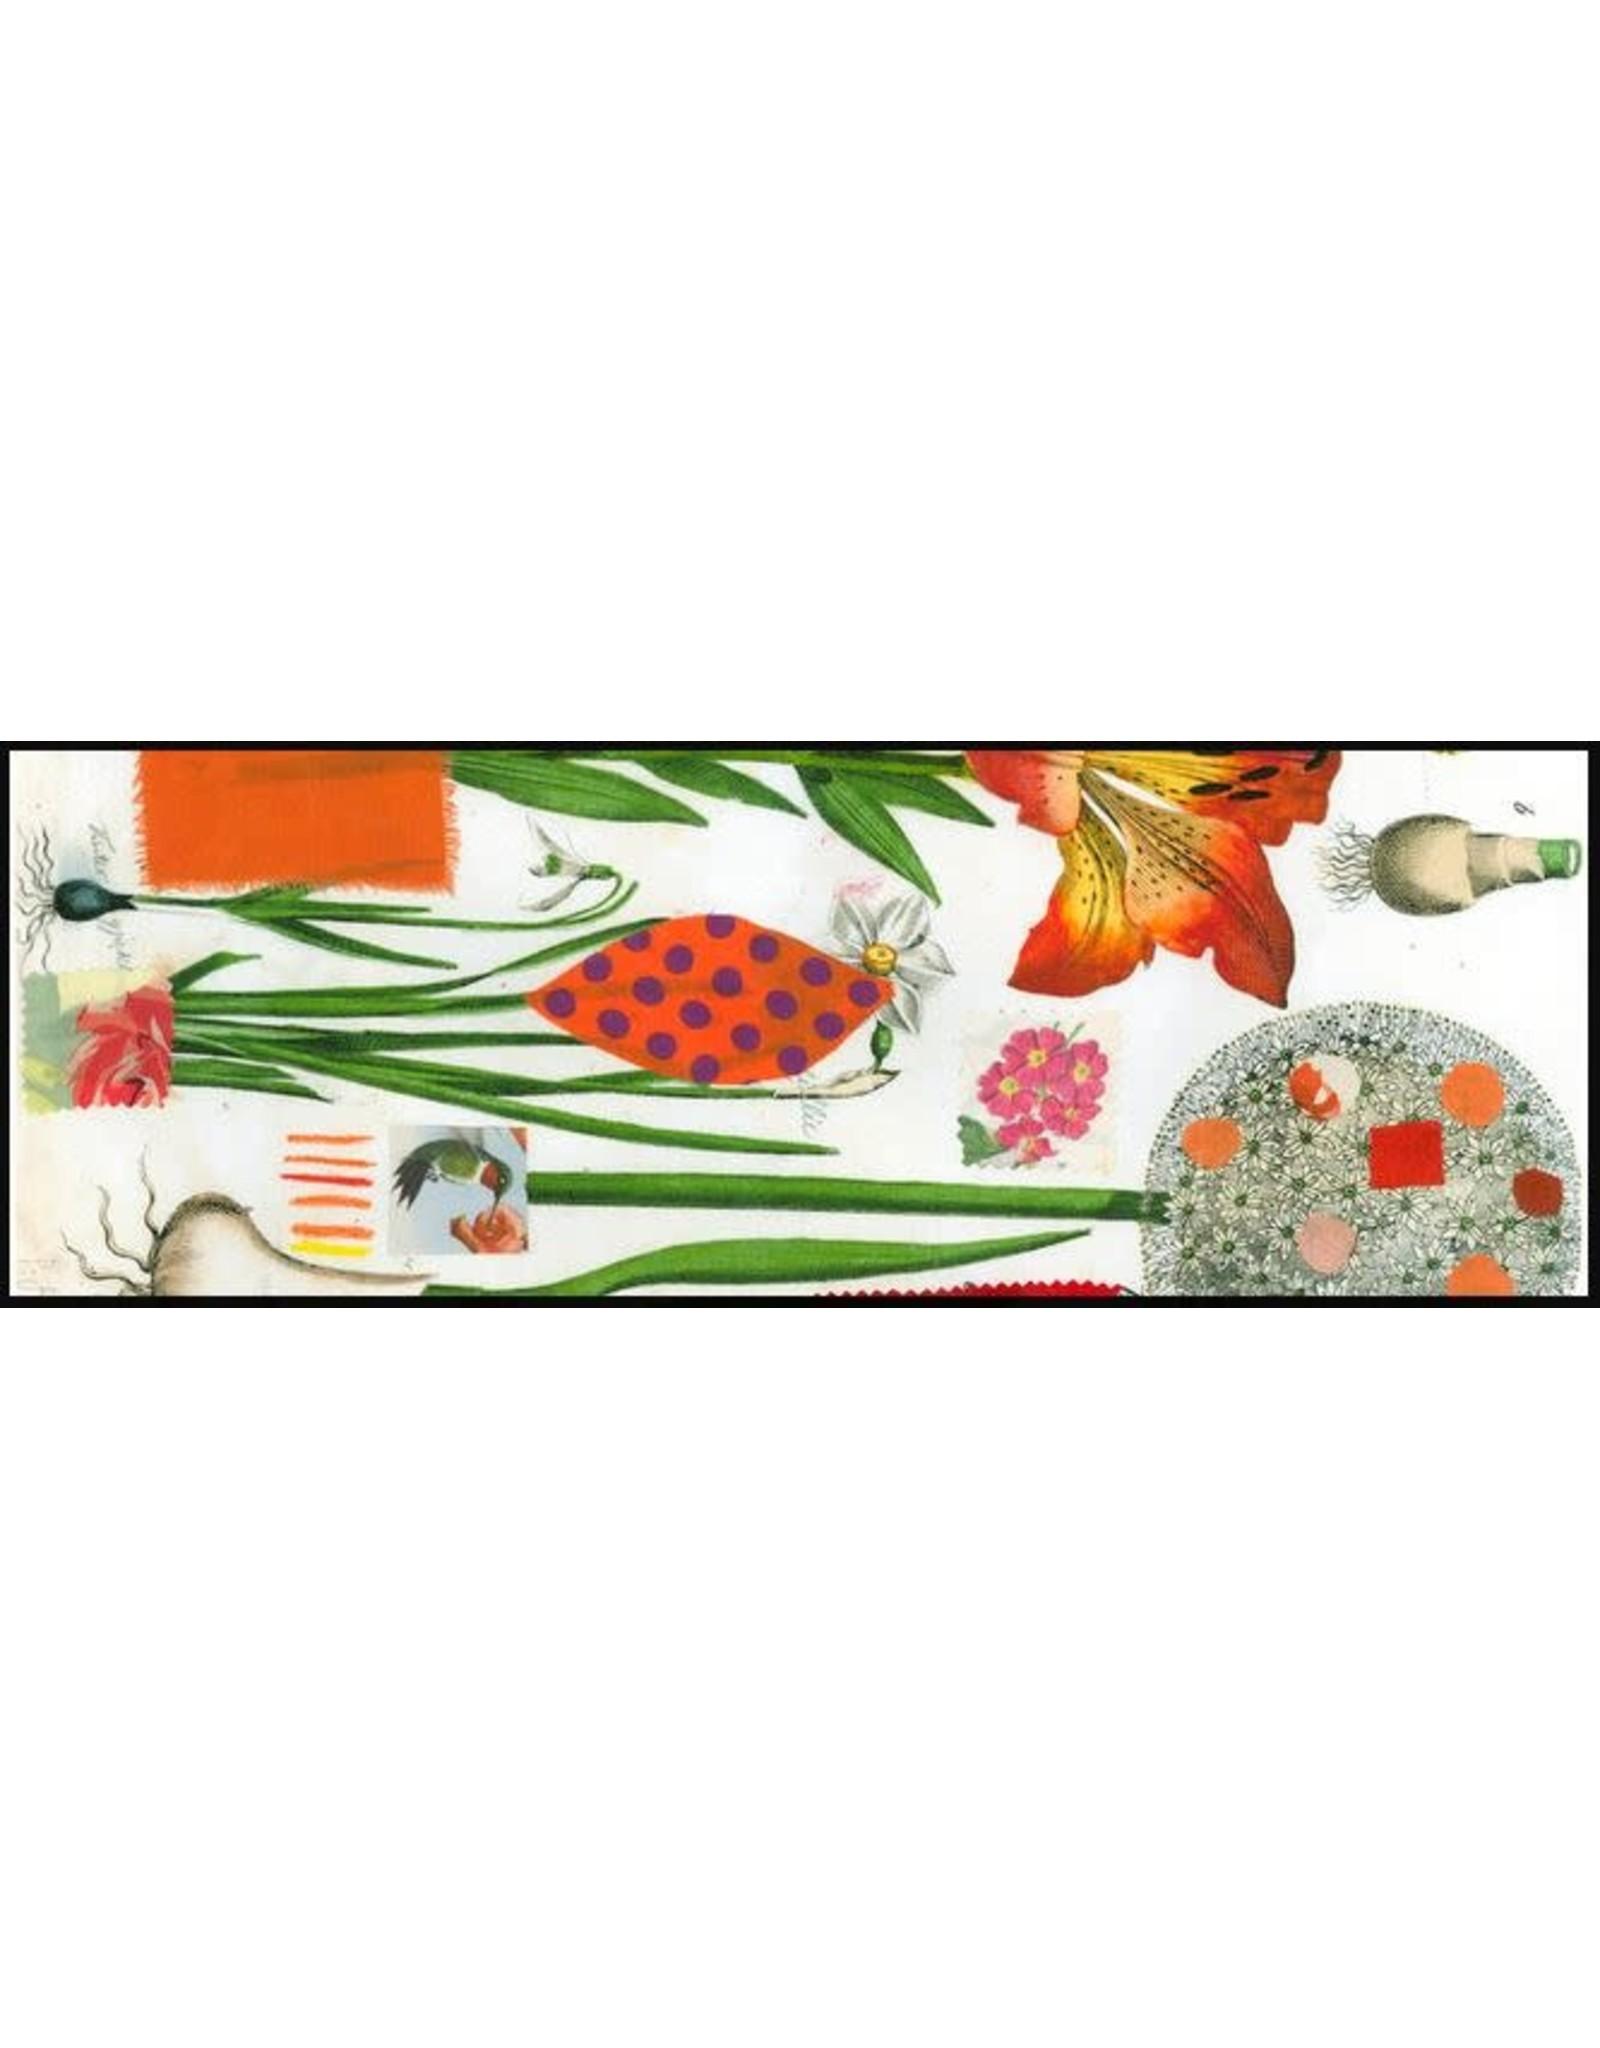 Smilow + Mathiesen Orange Botanical Runner | Pamela Smilow